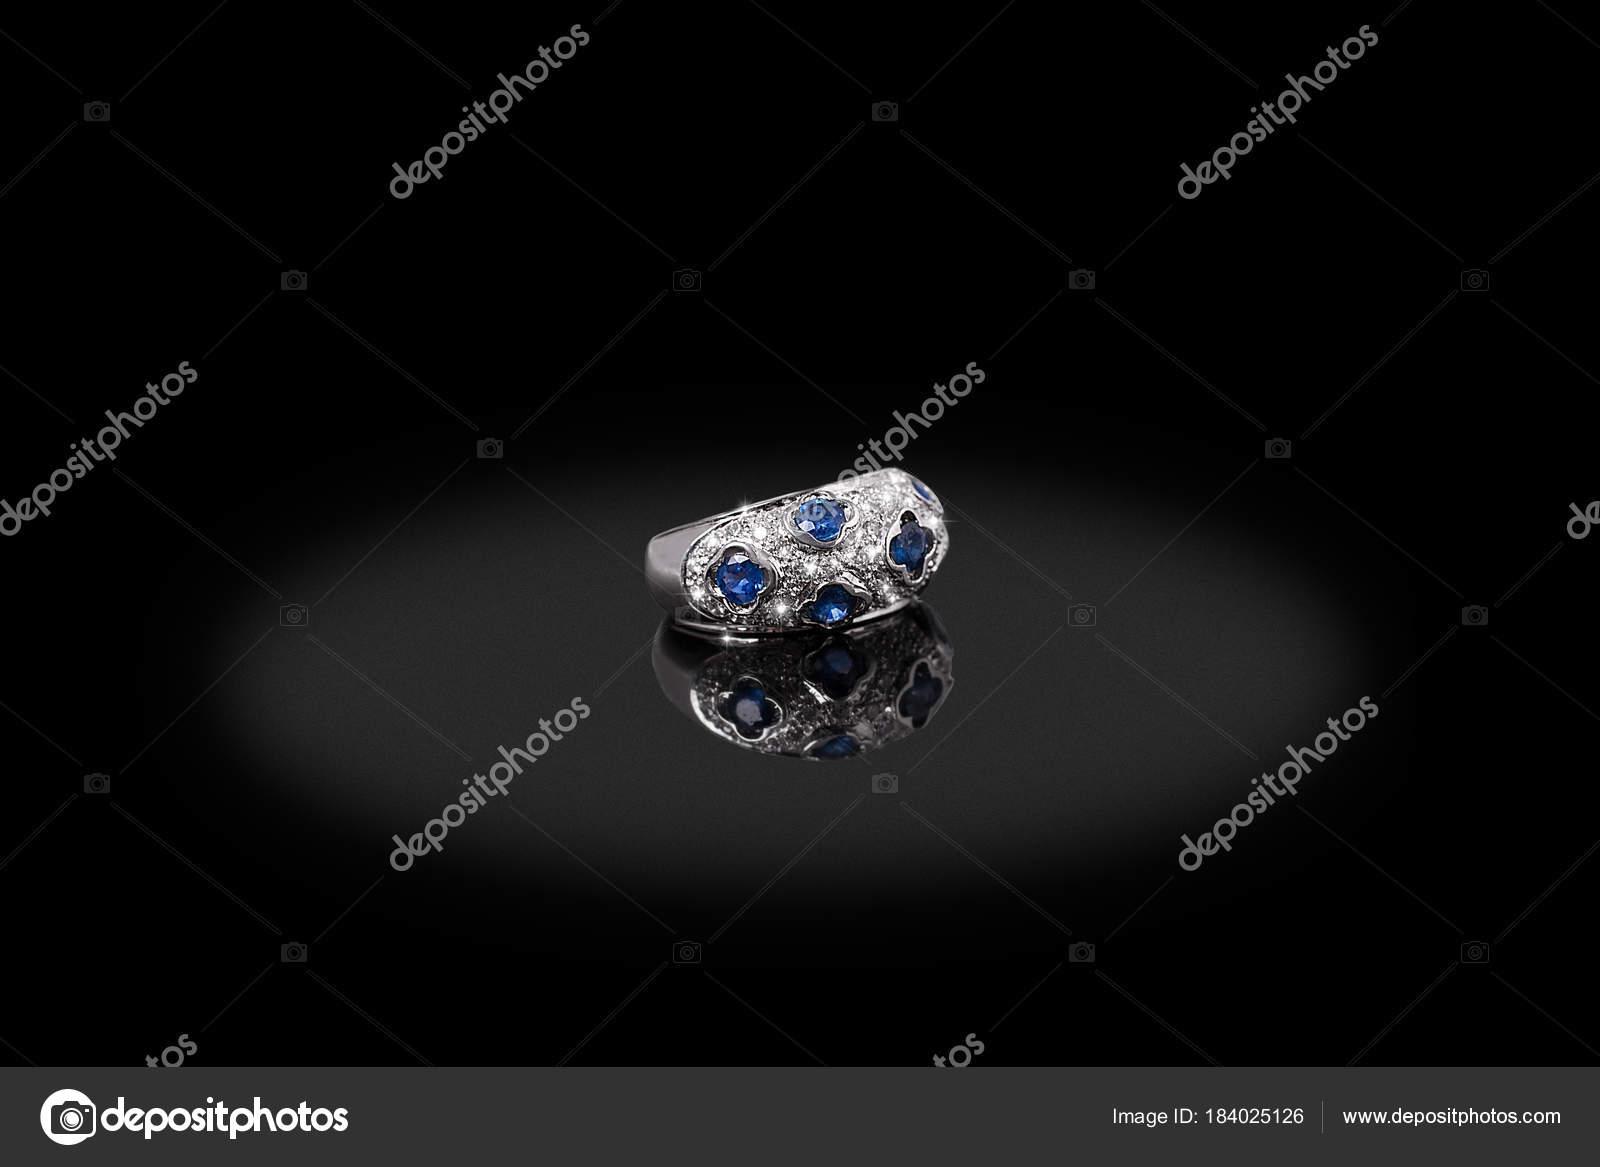 Θηλυκό ασημένιο πολύτιμο δαχτυλίδι με διαμάντια και ζαφείρι σε μαύρο φόντο.  Καλό υλικό για σχεδιασμό κοσμημάτων– εικόνα αρχείου 9f6250a7011